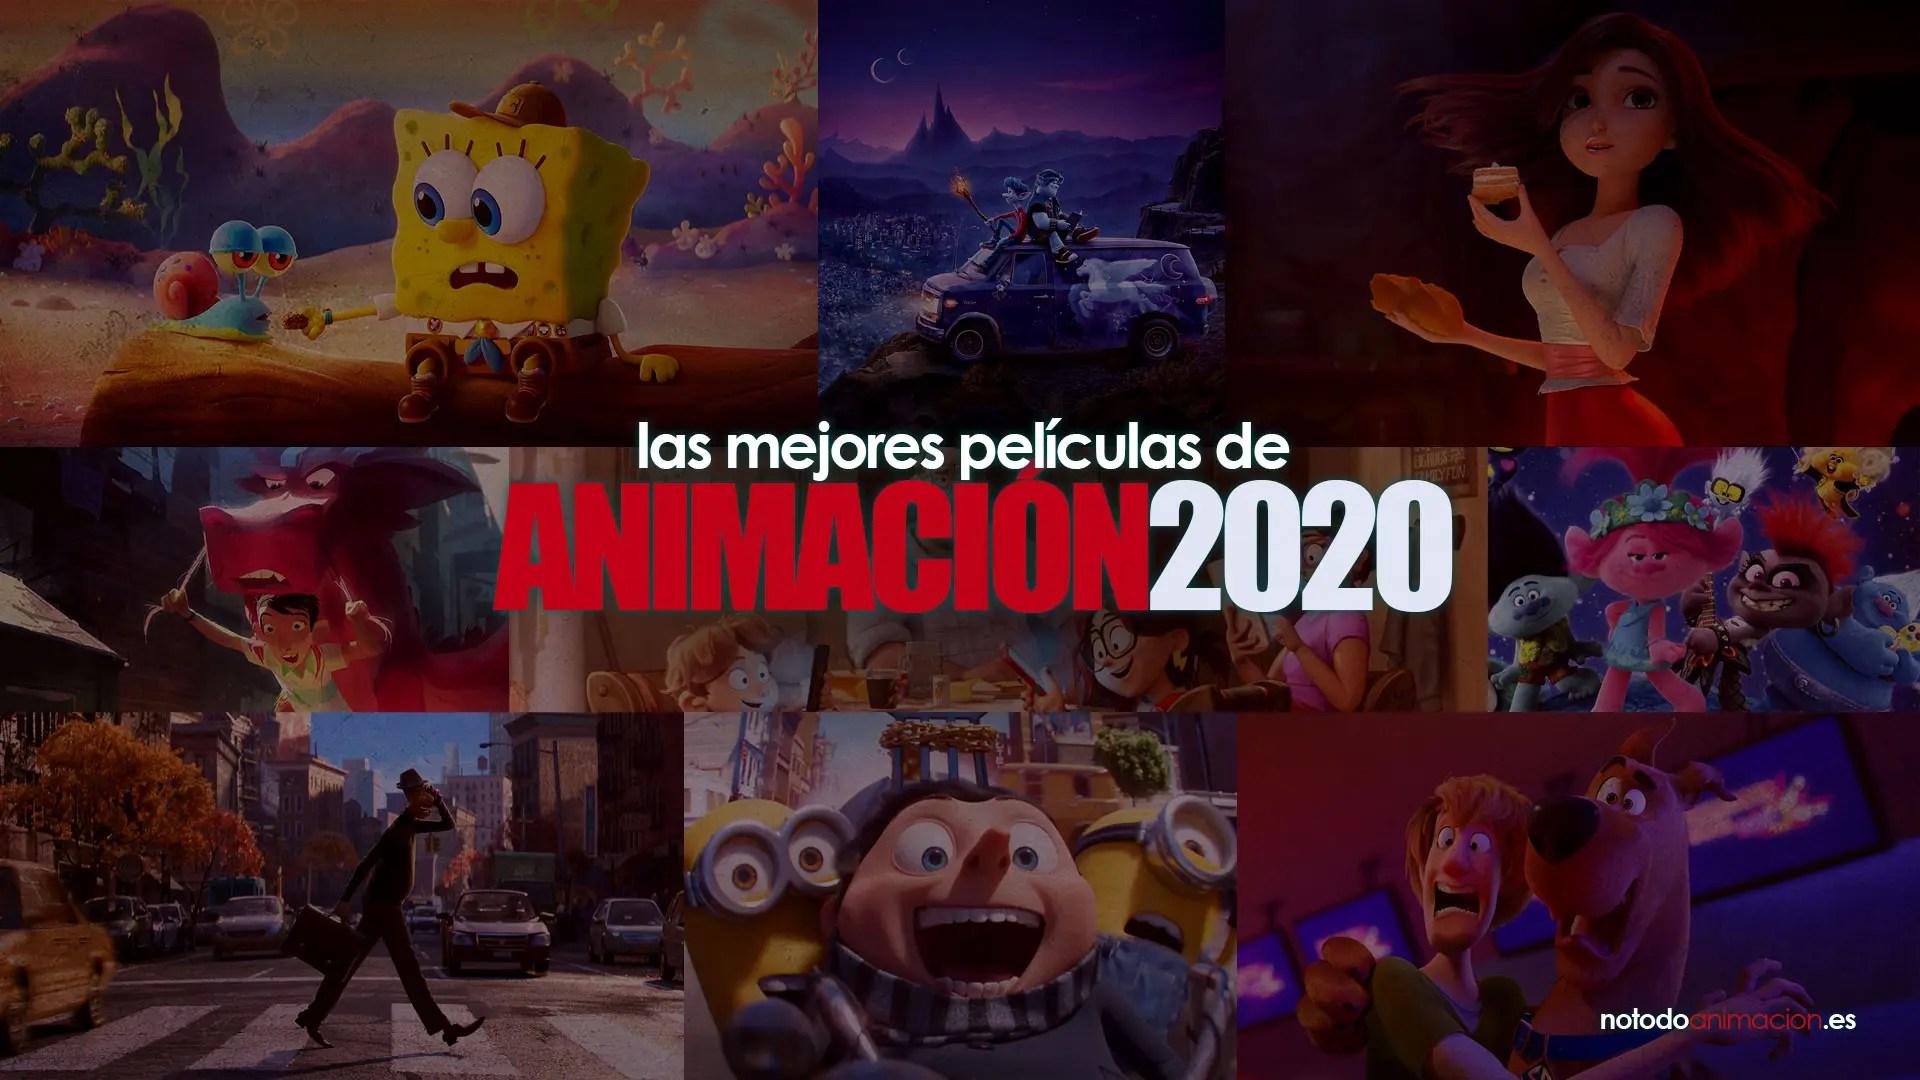 Las mejores Películas de Animación de 2020